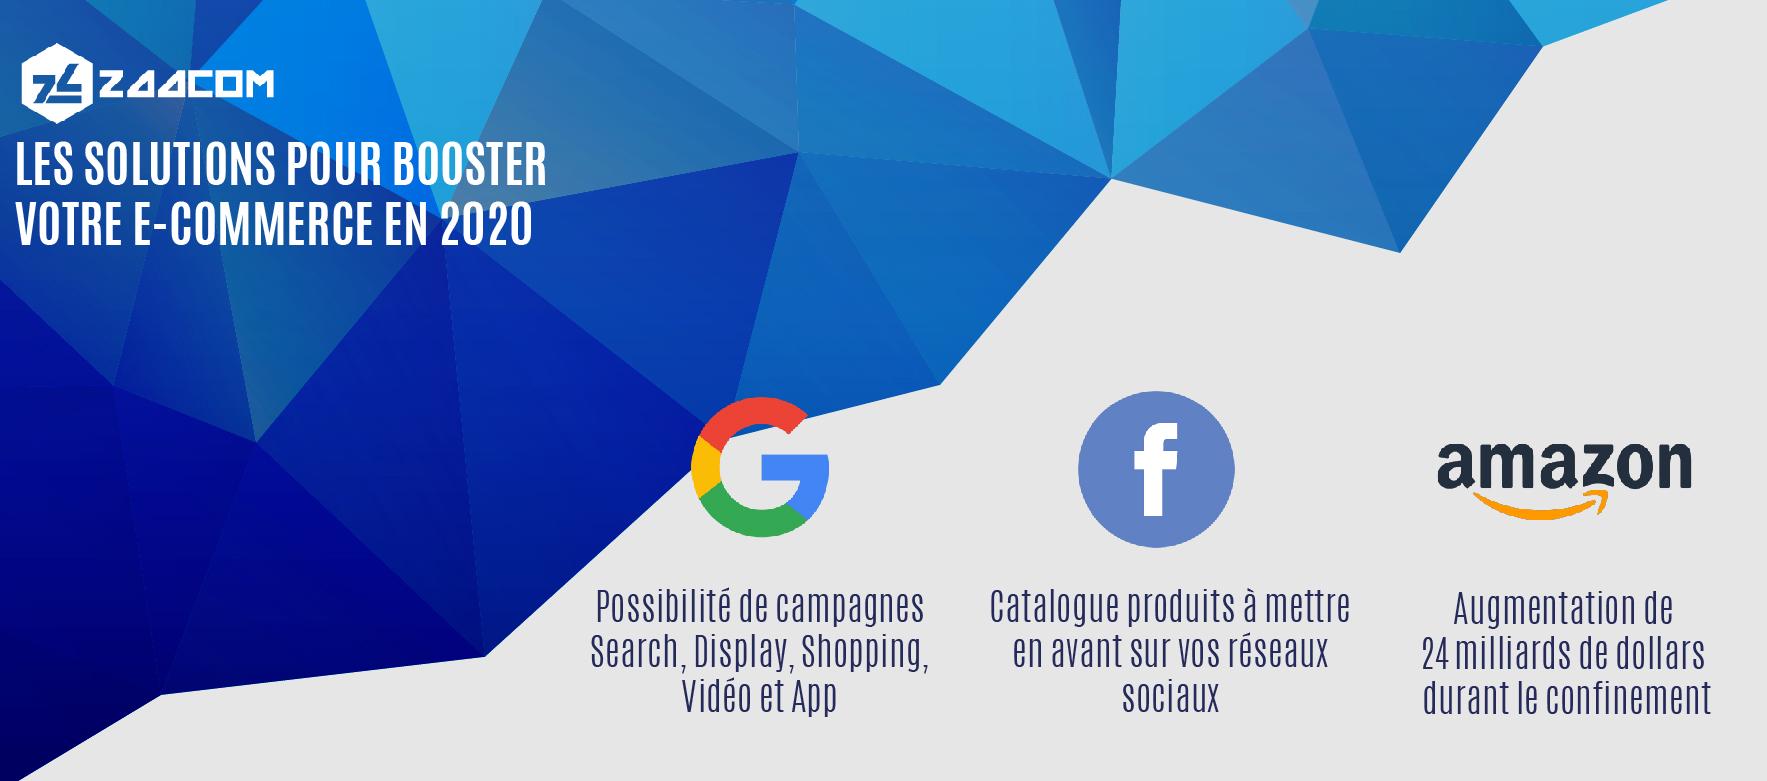 Google, Réseaux Sociaux et Marketplace